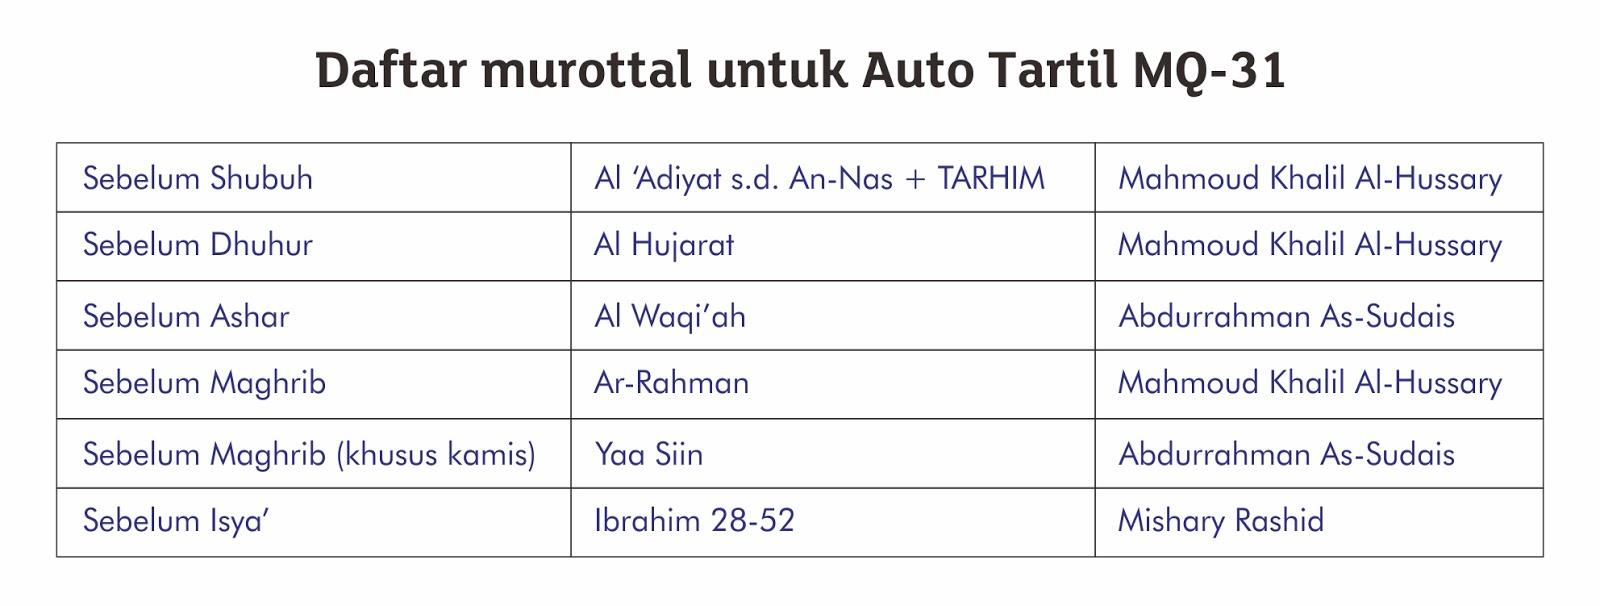 daftar murottal untuk auto tartil mq-31